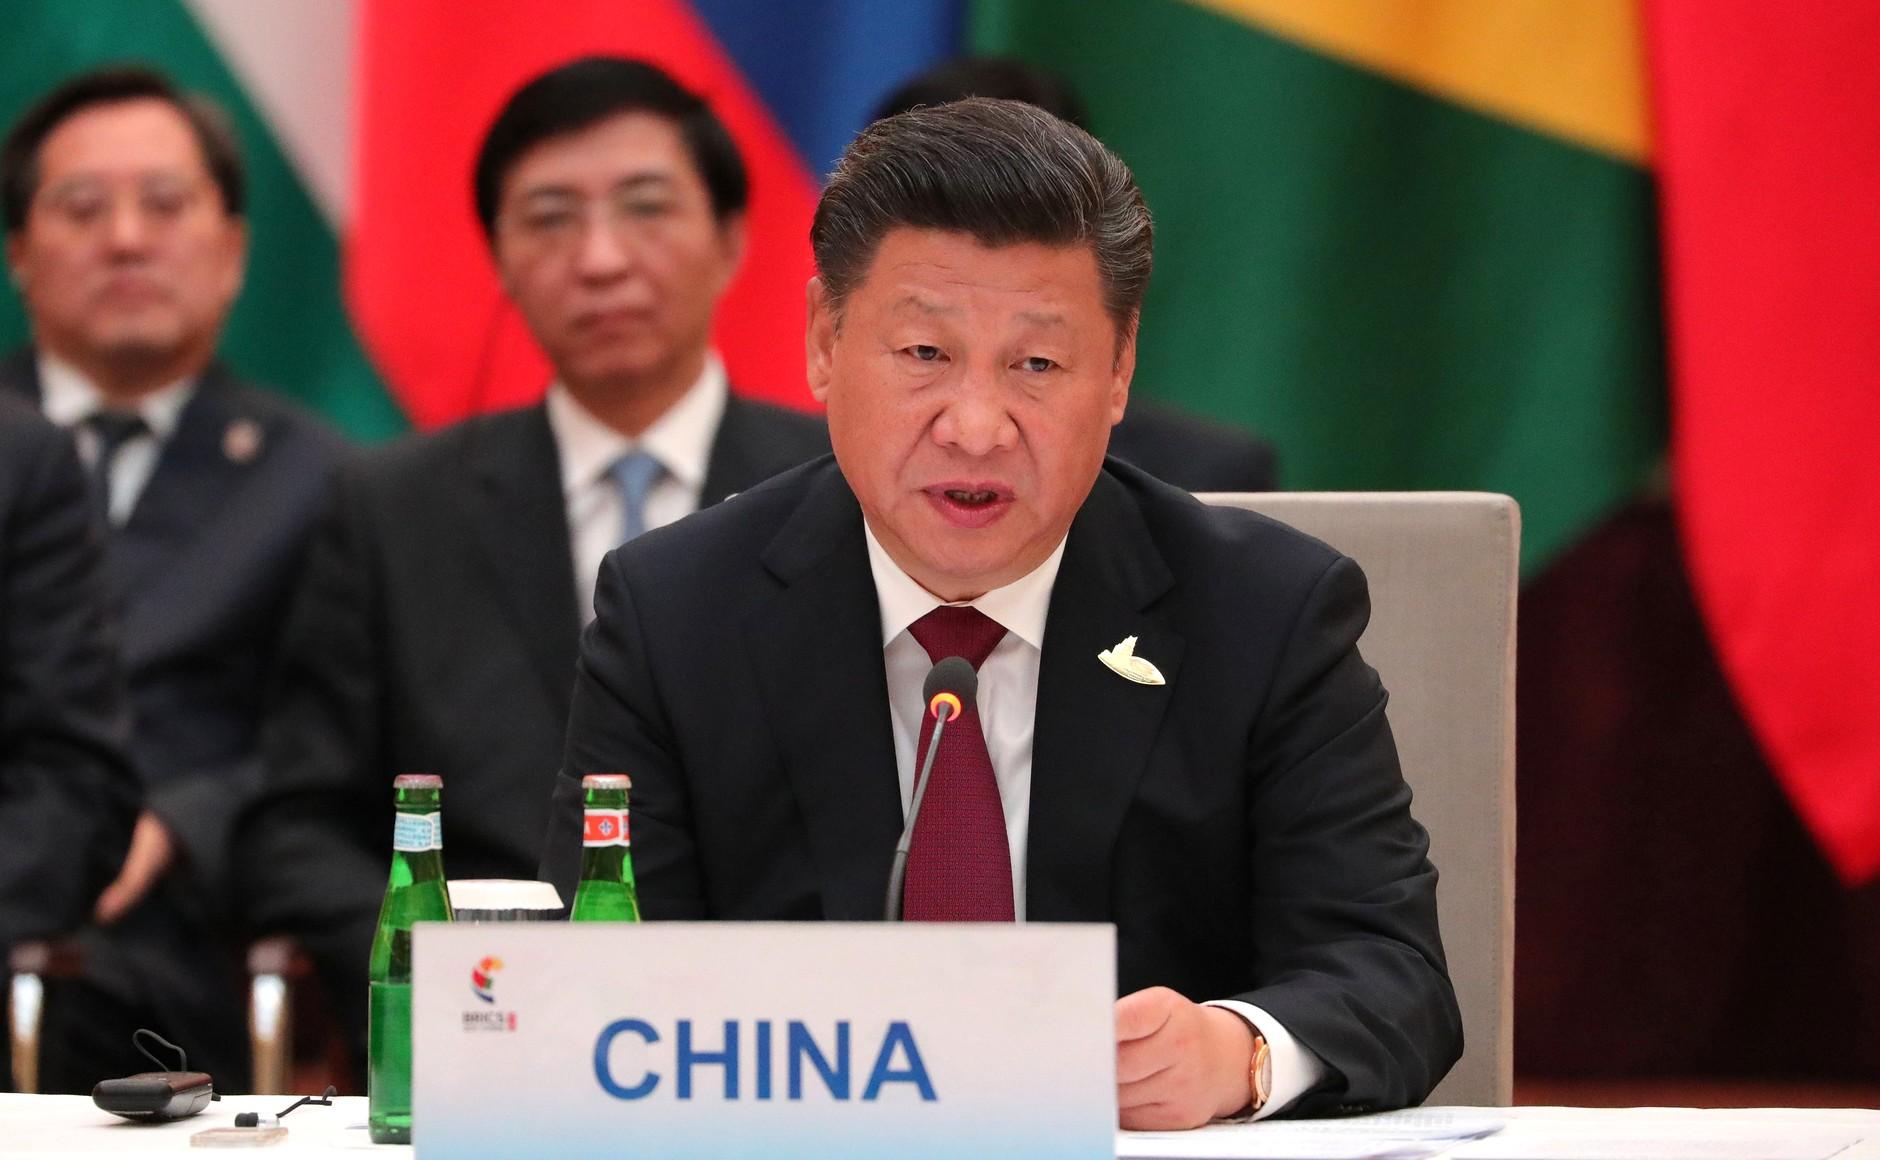 File:Xi Jinping (2017-07-07).jpg - Wikimedia Commons